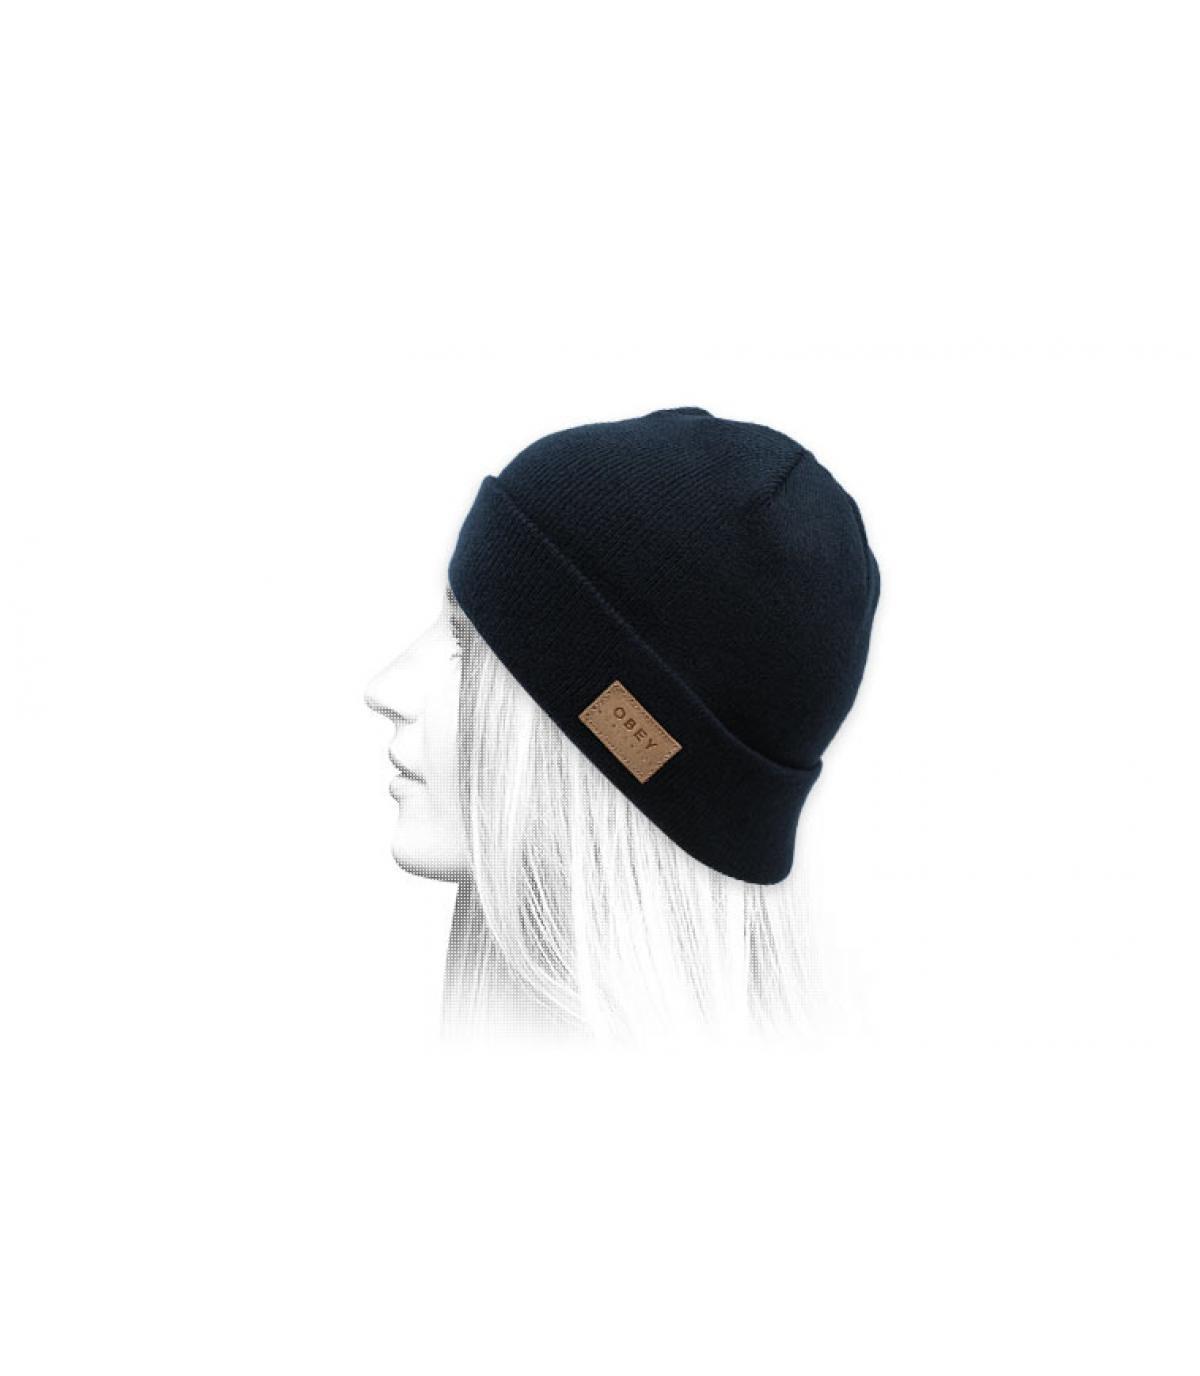 blauwe omkeerbare hoed Obey